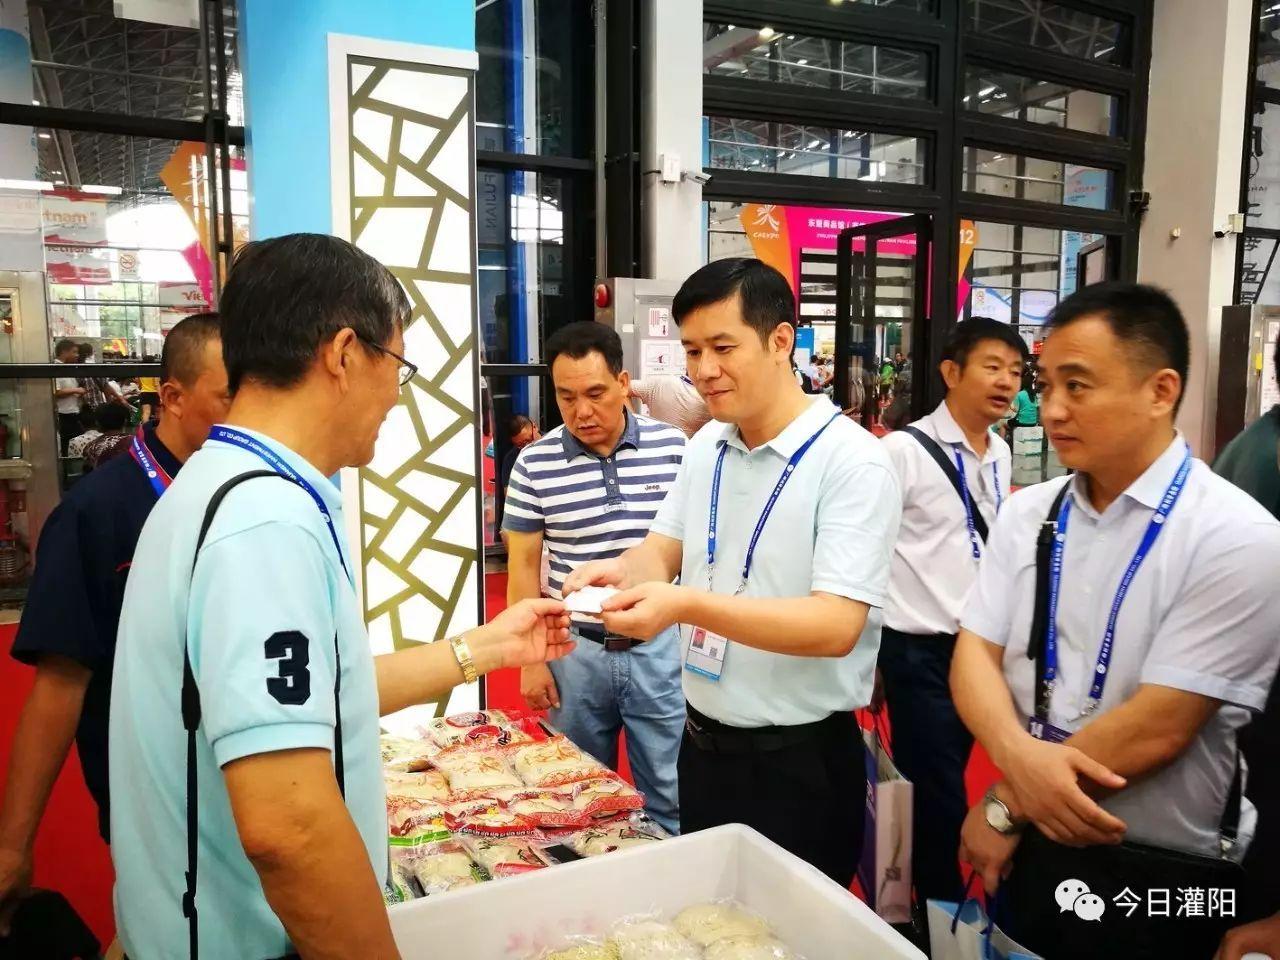 桂林灌阳县领导率代表团参加东博会国际会展中心巡馆活动 - wmj69888 - wmj69888的博客